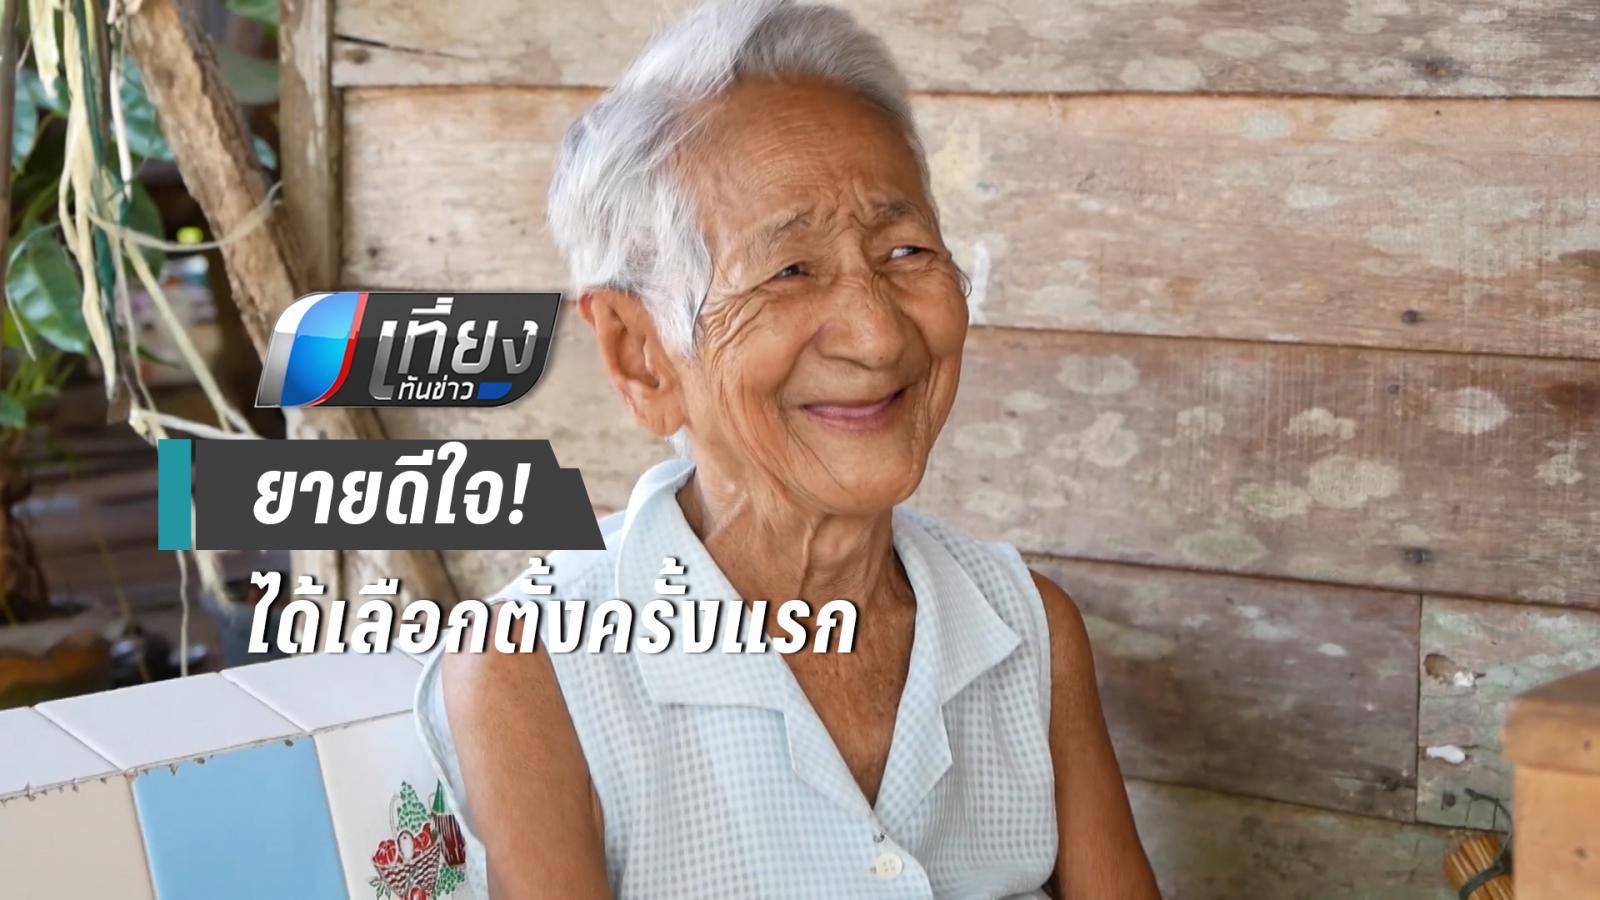 คุณยายวัย 94 ปี ดีใจที่ได้ใช้สิทธิเลือกตั้งครั้งแรก